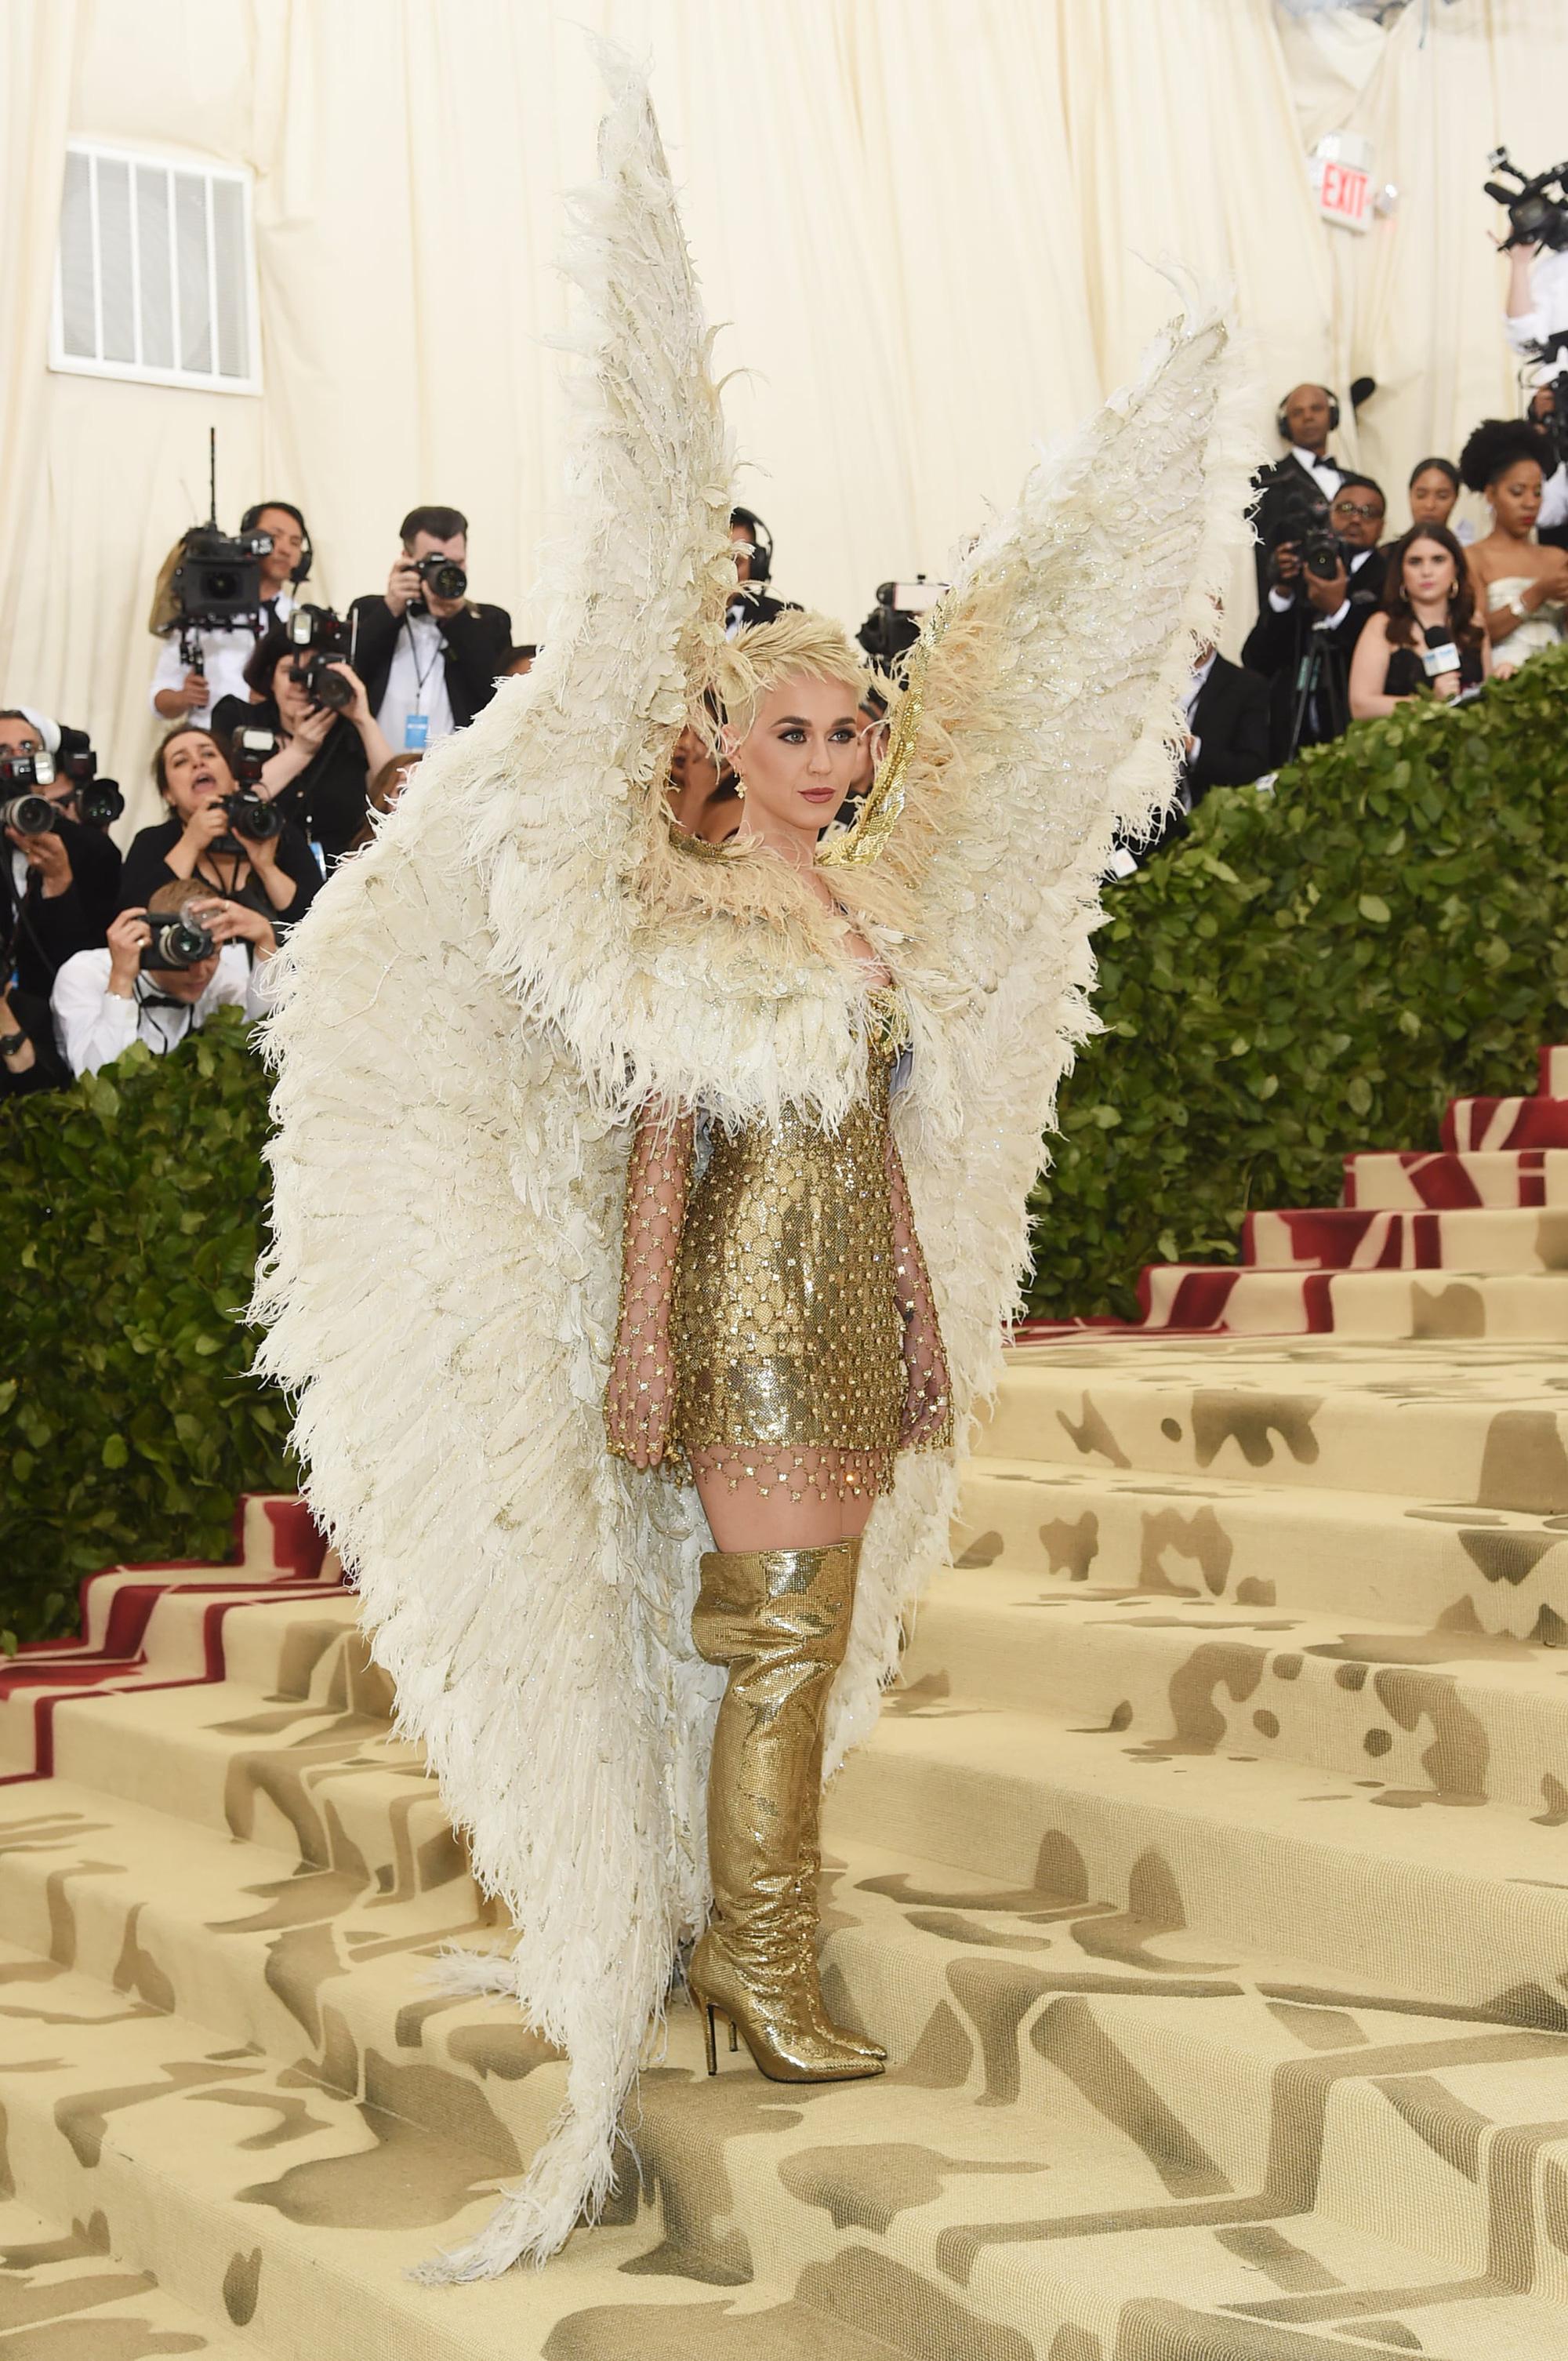 Nữ hoàng thảm đỏ Met Gala: Rihanna - Lady Gaga thi nhau combo độc - dị - lố, choáng nhất là Cardi B phô diễn body với bộ đồ 11 tỷ - Ảnh 26.